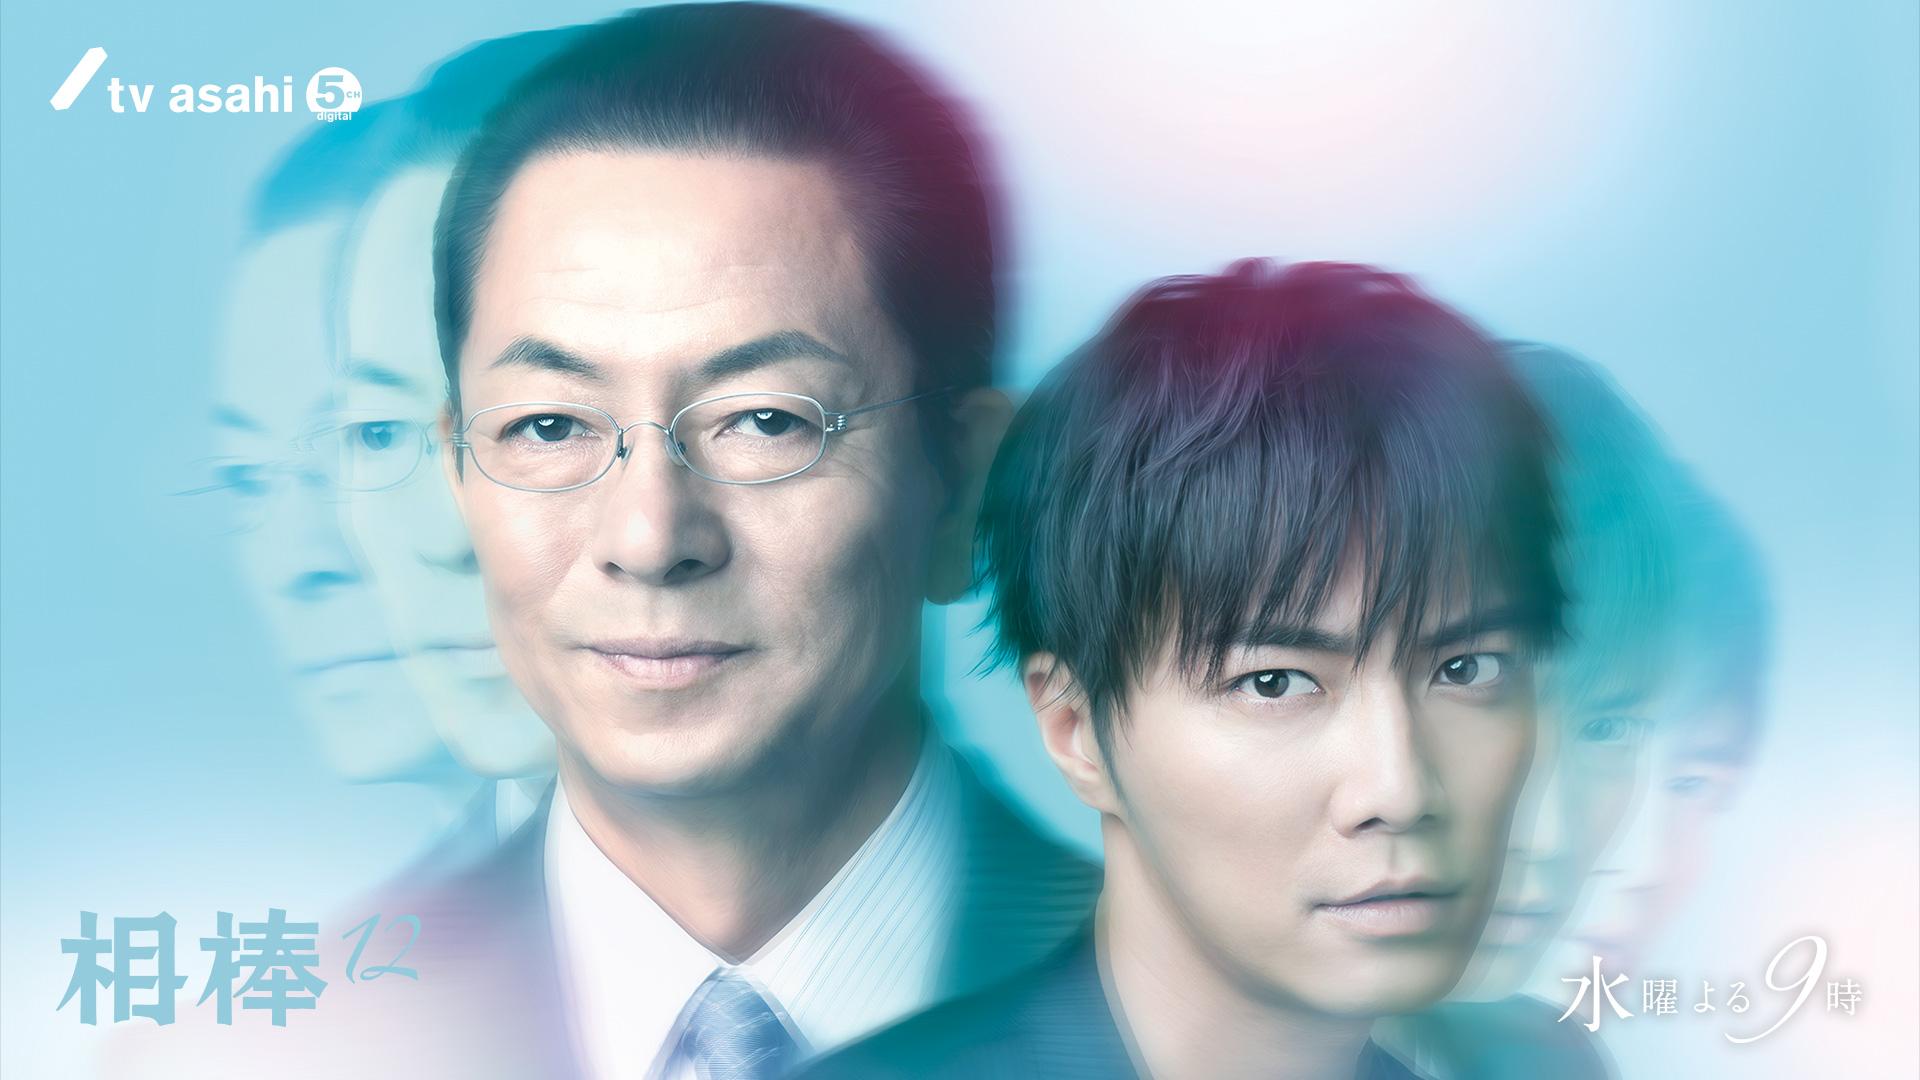 아이보우(相棒) 시즌12 제1화 예고편